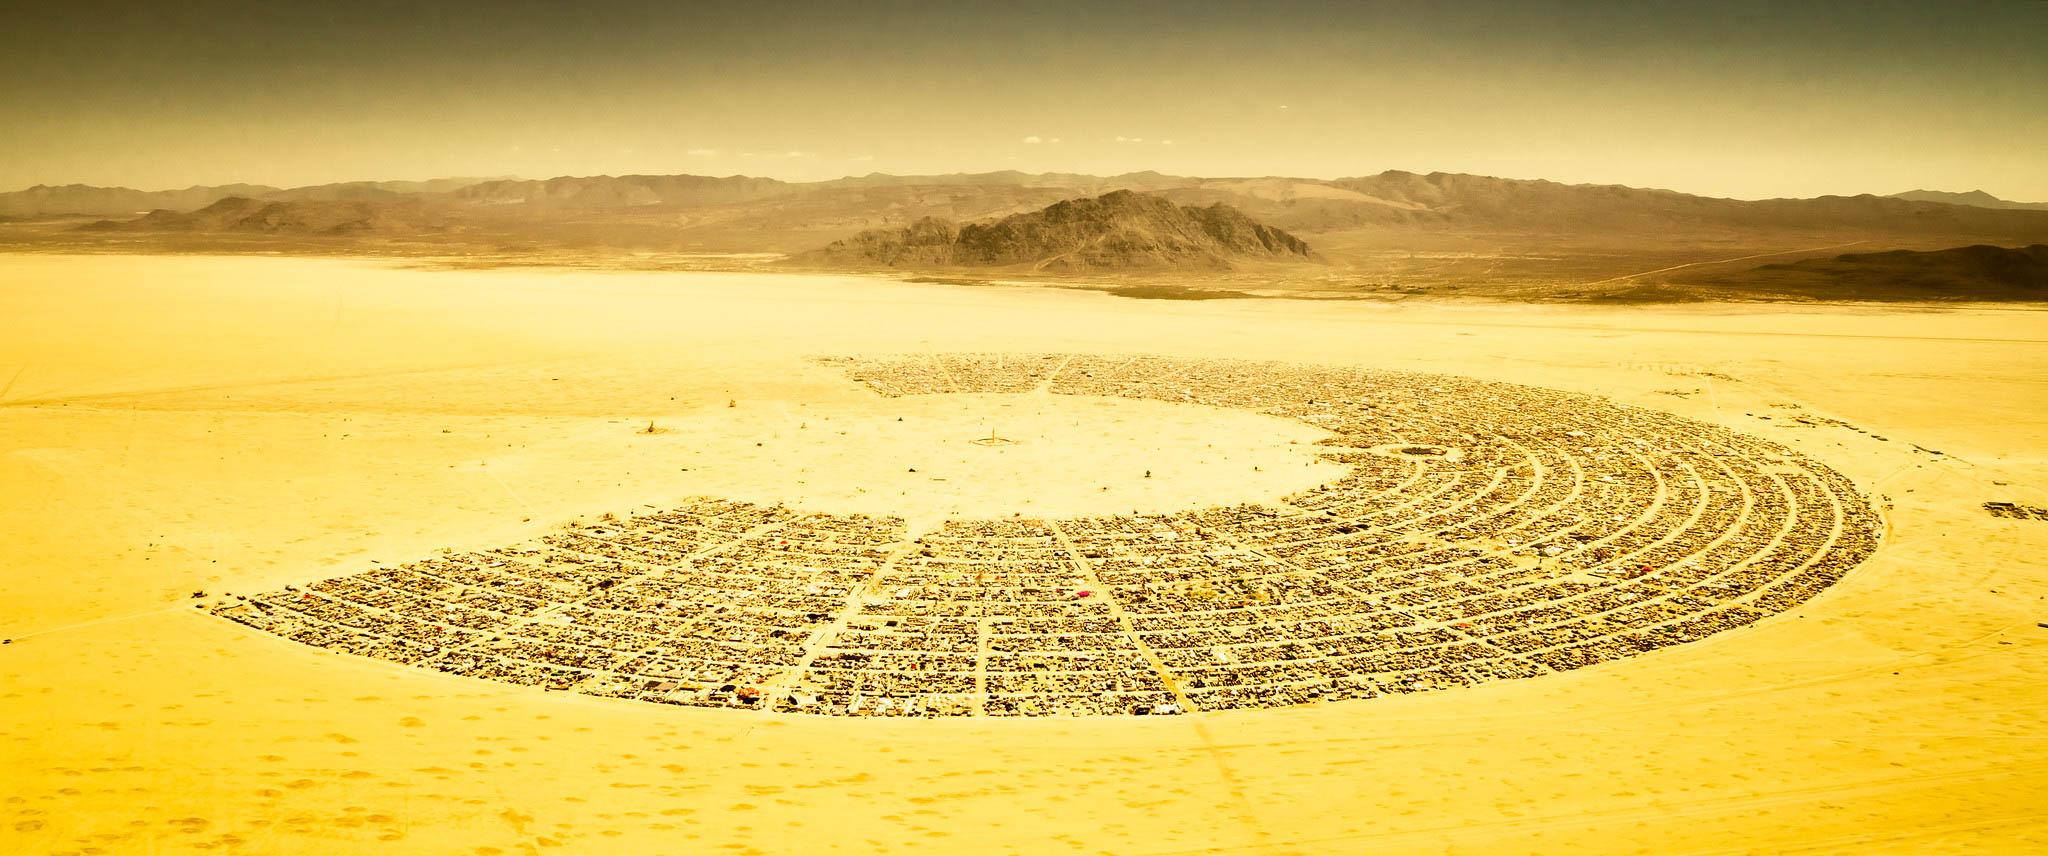 Black Rock Desert from above - Burning Man